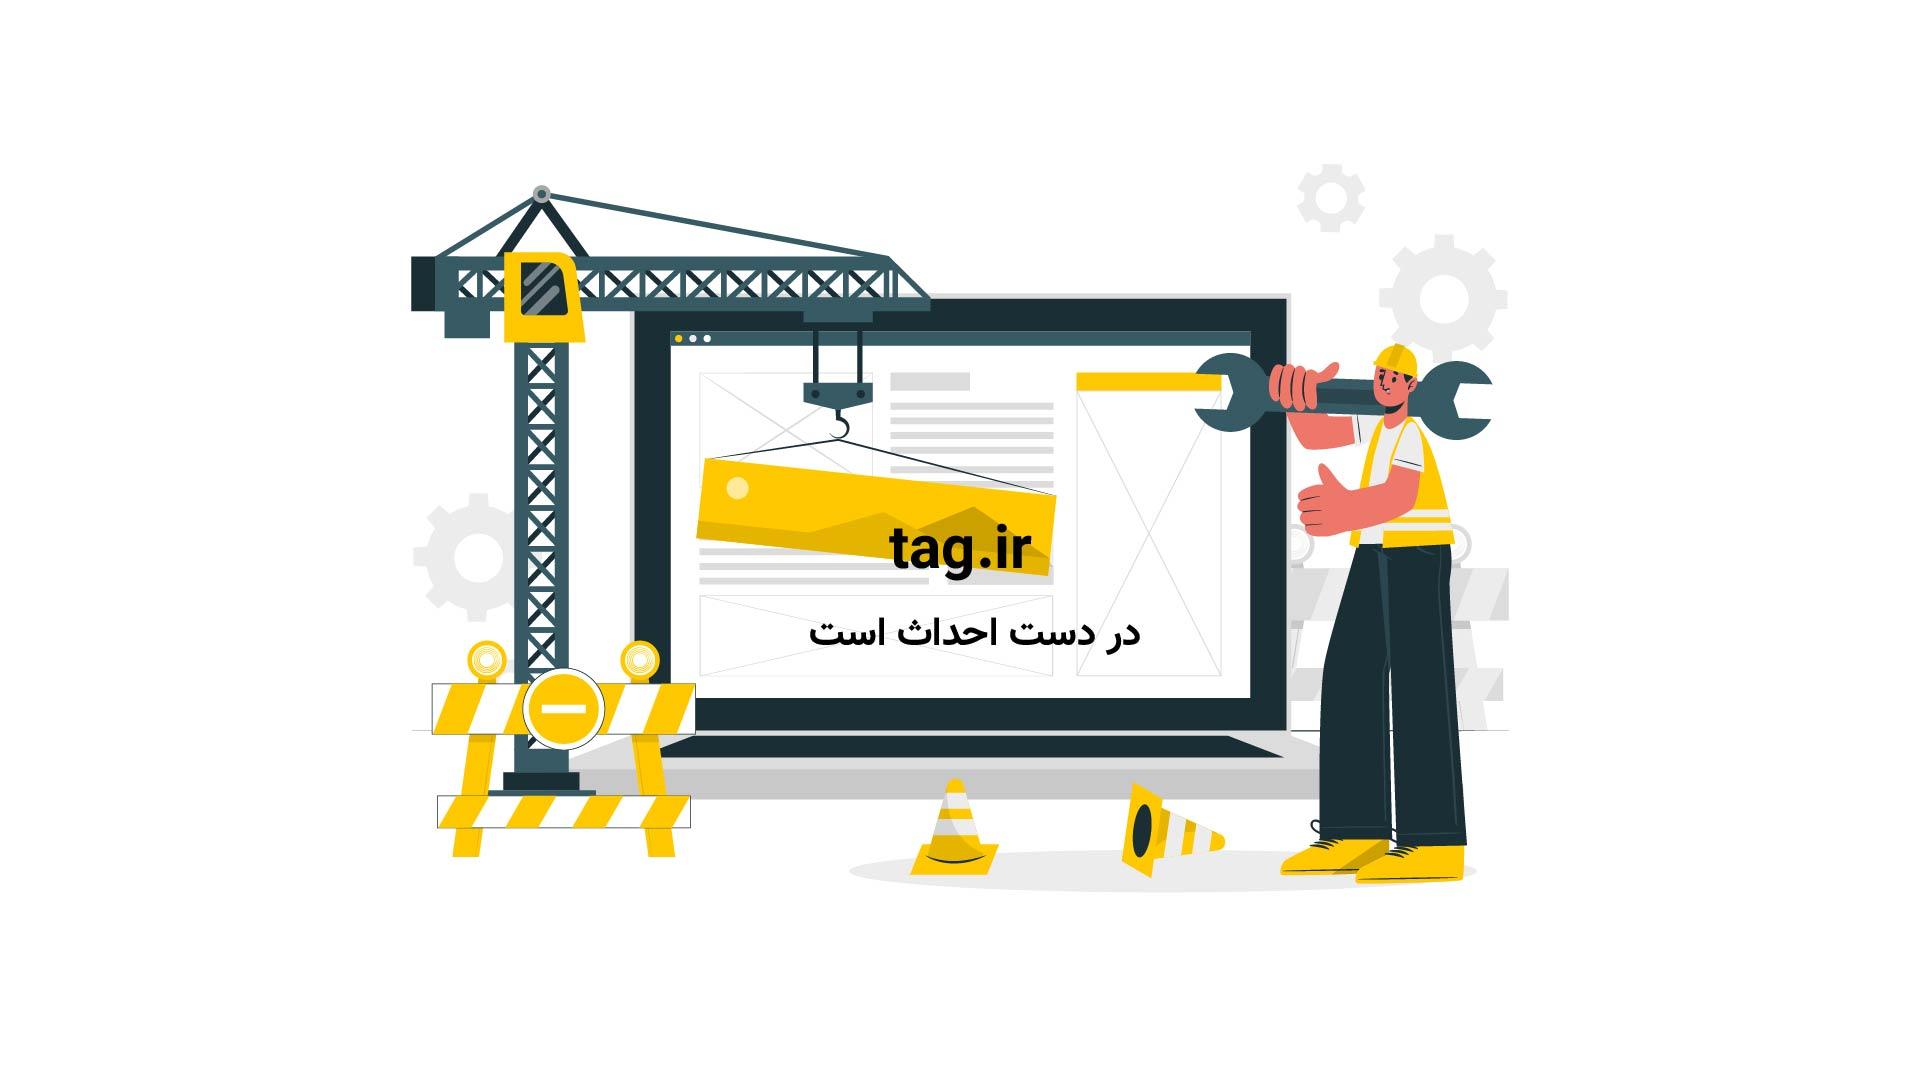 ادا بازی محمد نادری برای دو دوزه شنیع | فیلم